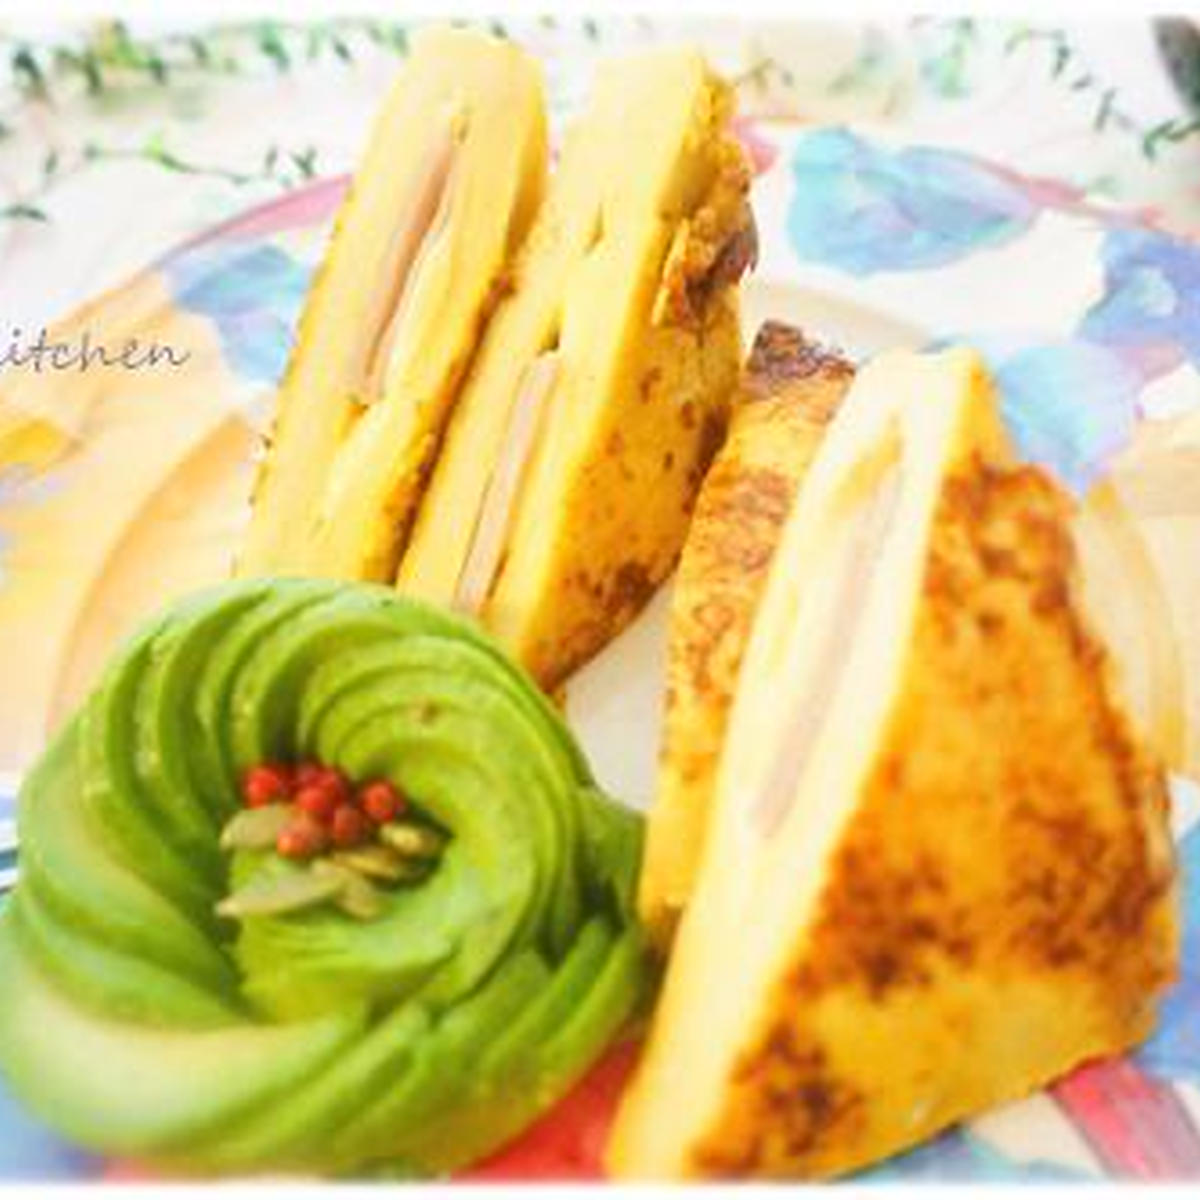 高野 豆腐 ダイエット レシピ